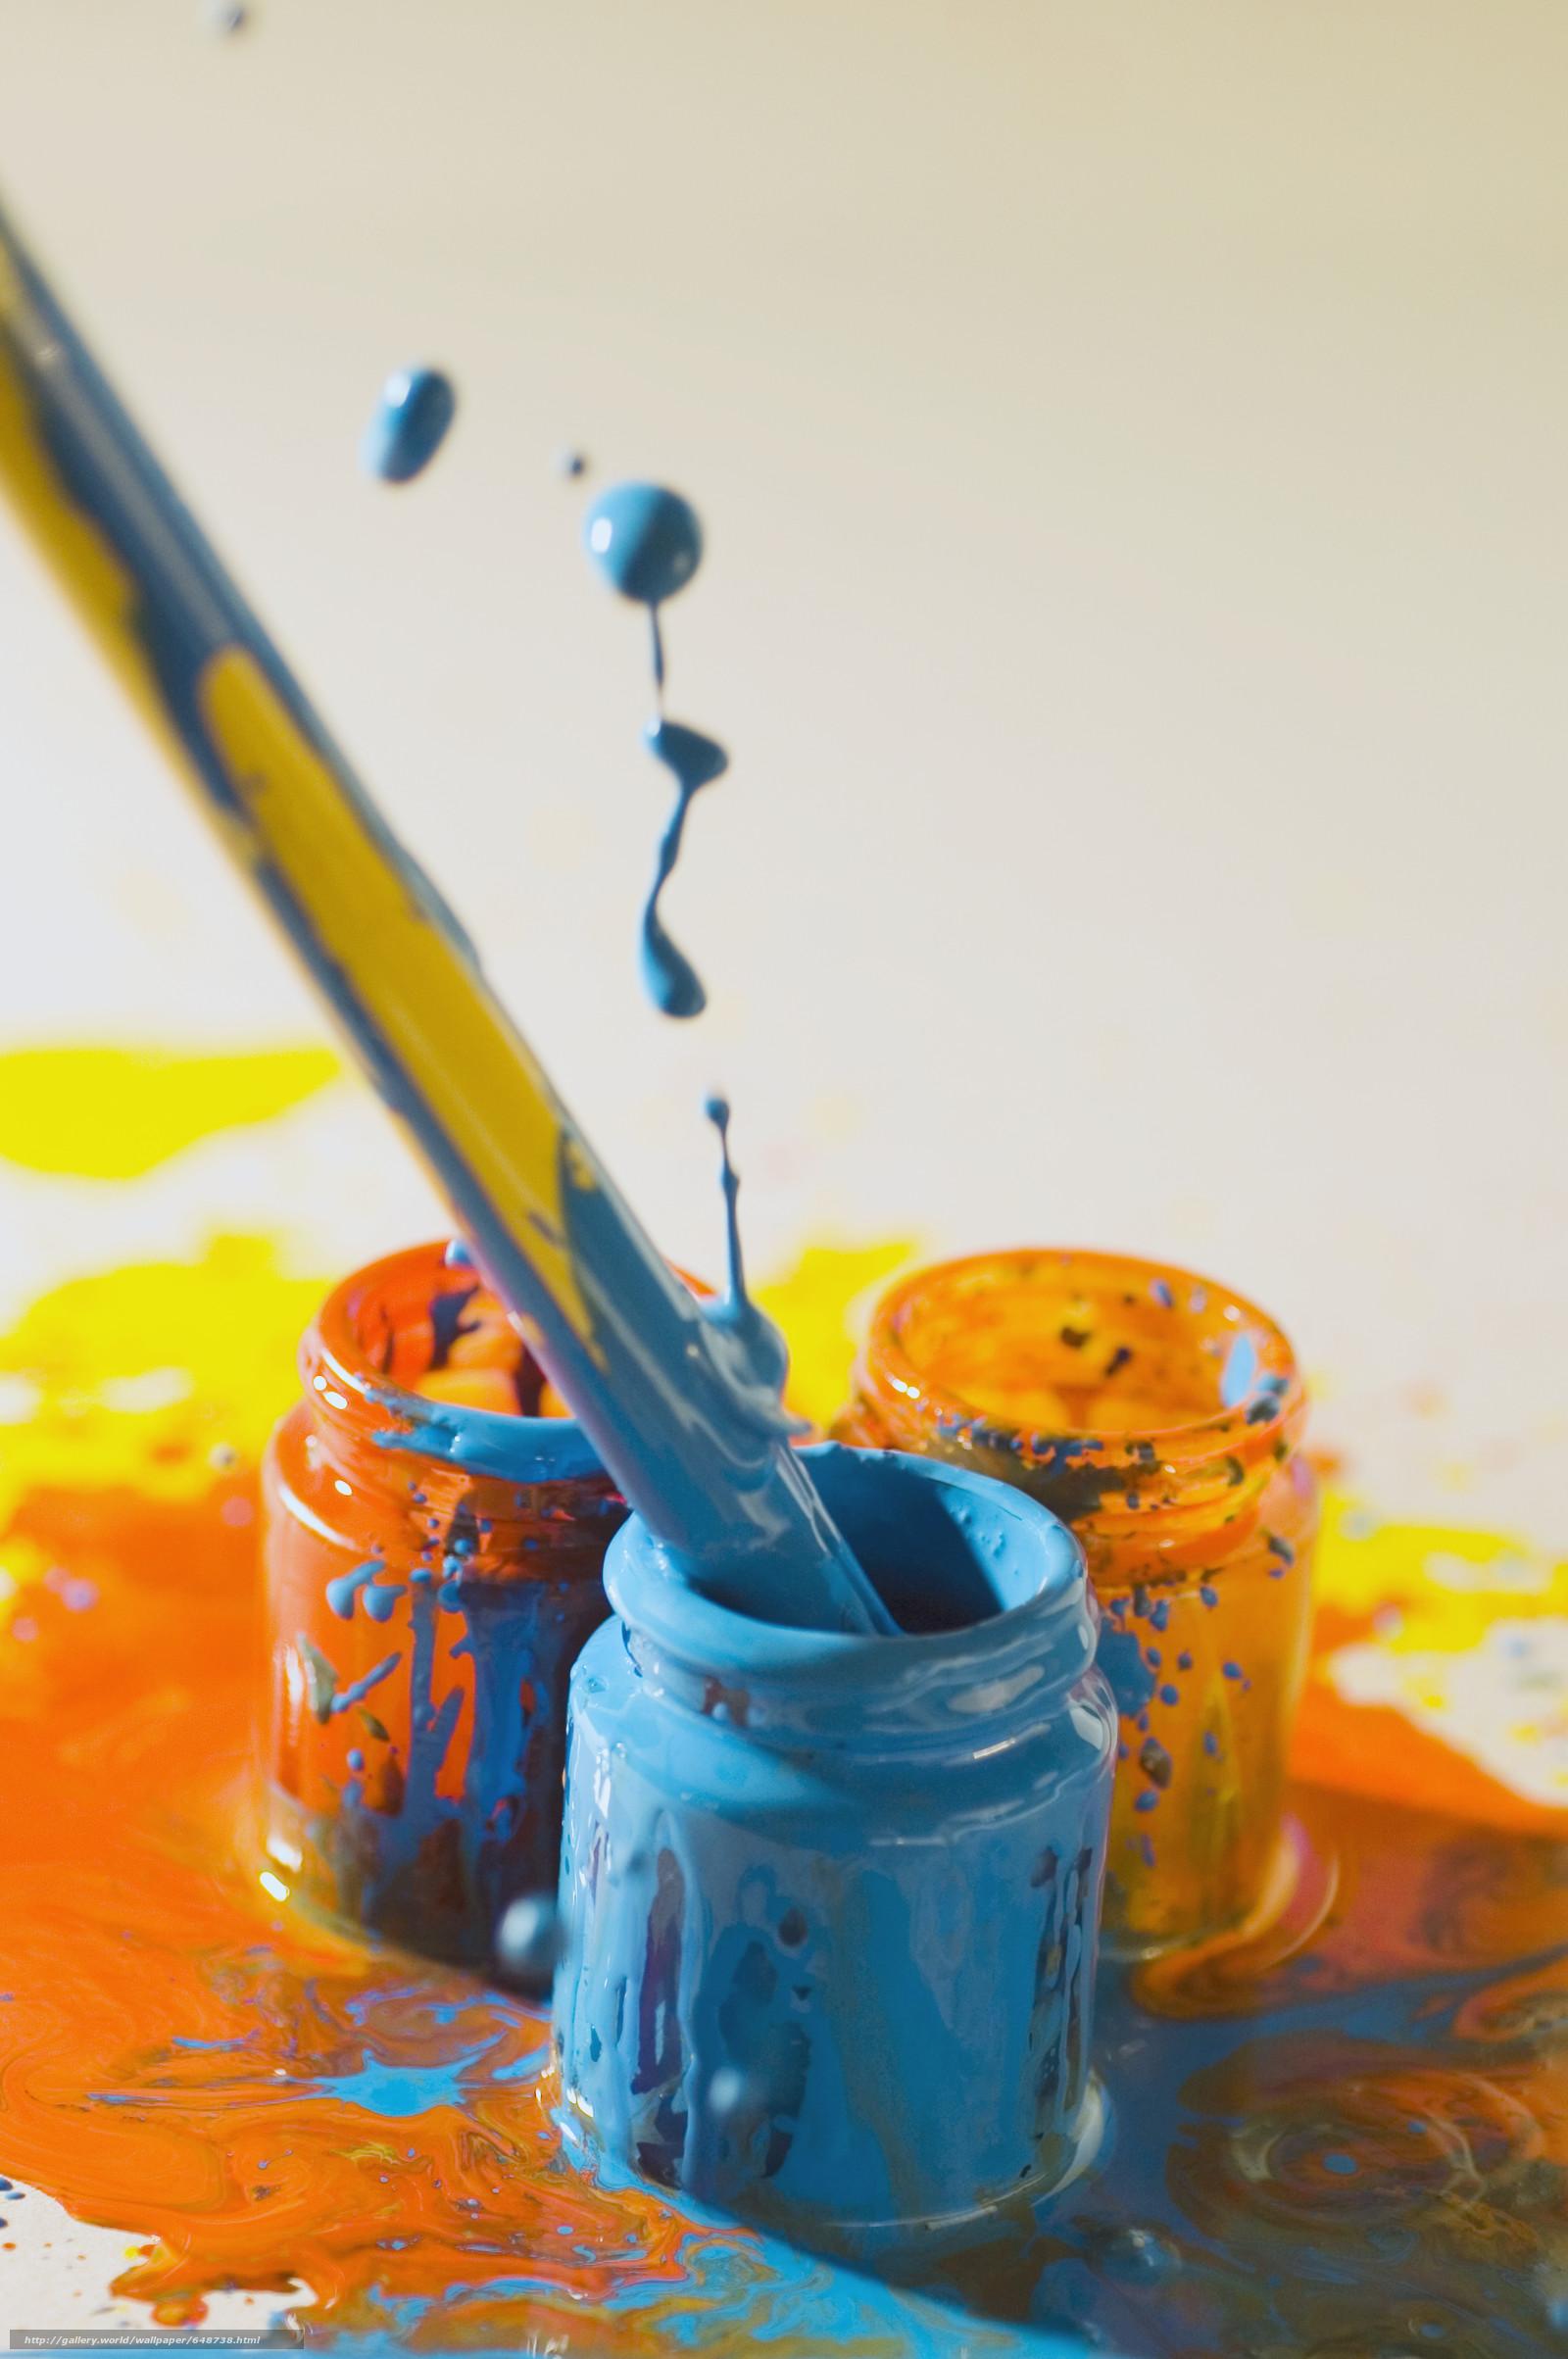 scaricare gli sfondi Cartoleria,  per gli artisti,  vernici,  COLORE Sfondi gratis per la risoluzione del desktop 3640x5475 — immagine №648738